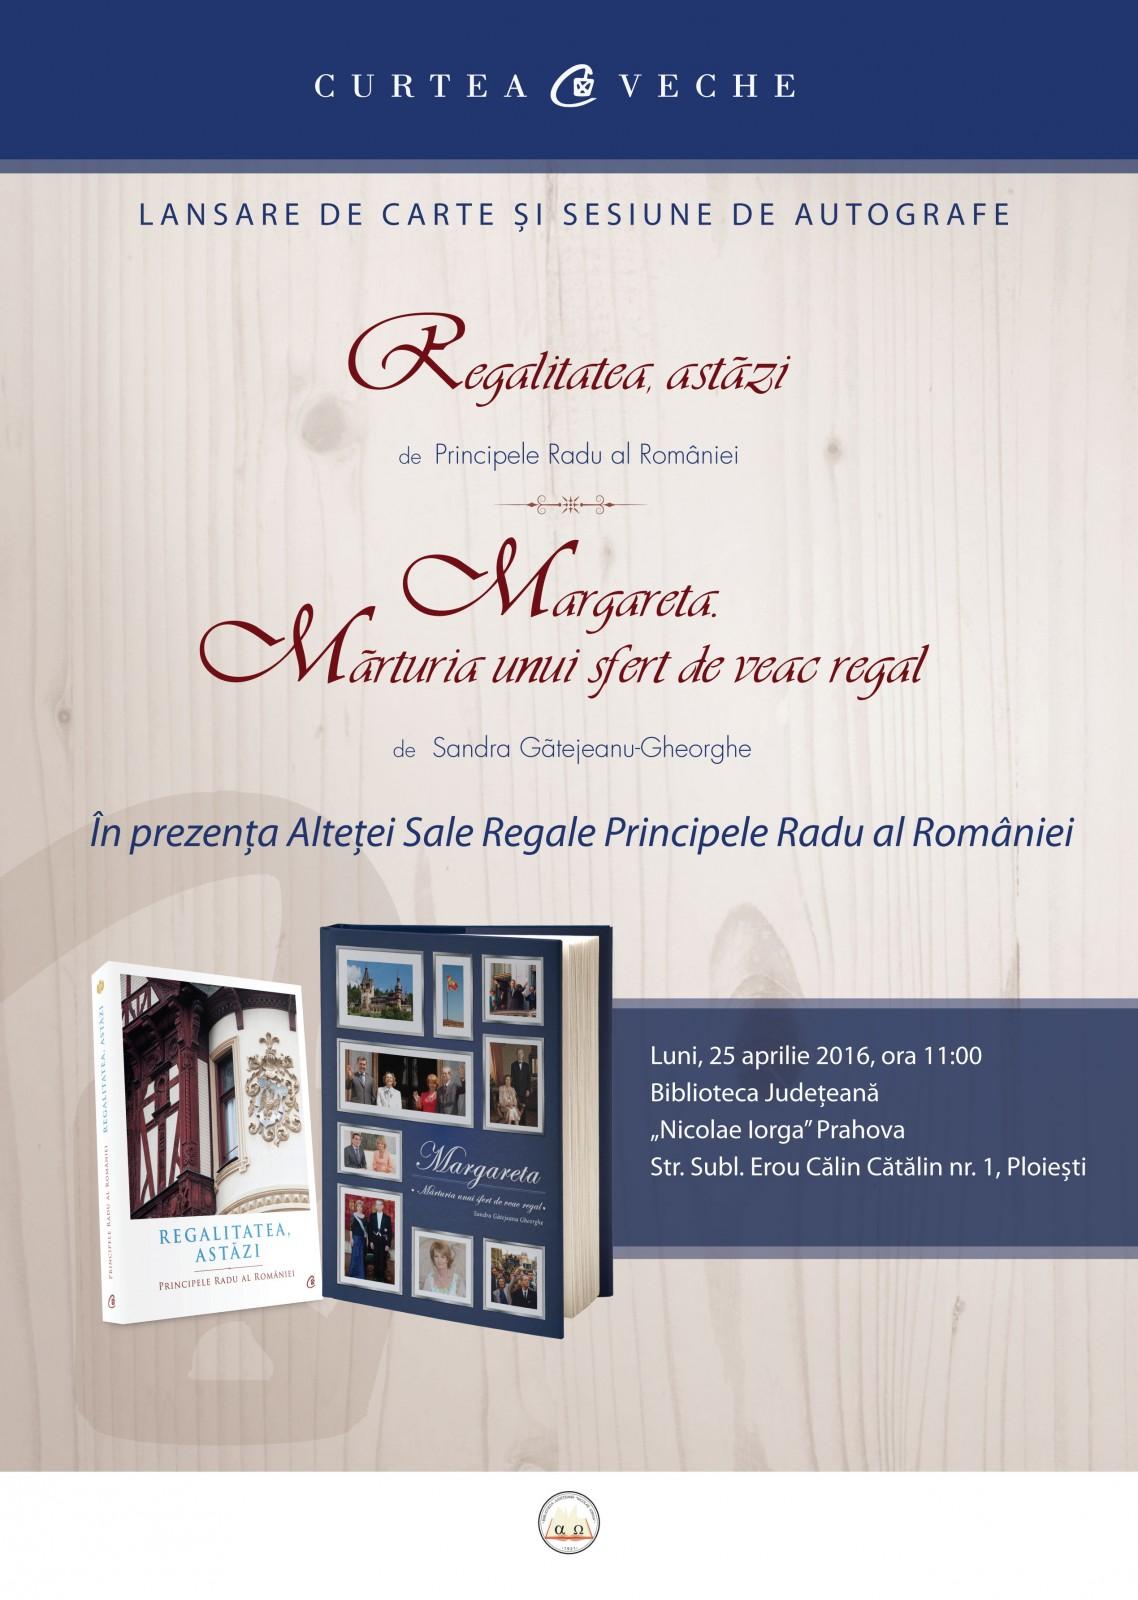 Prezentare de carte regală în prezența  ASR Principele Radu al României la Ploiești